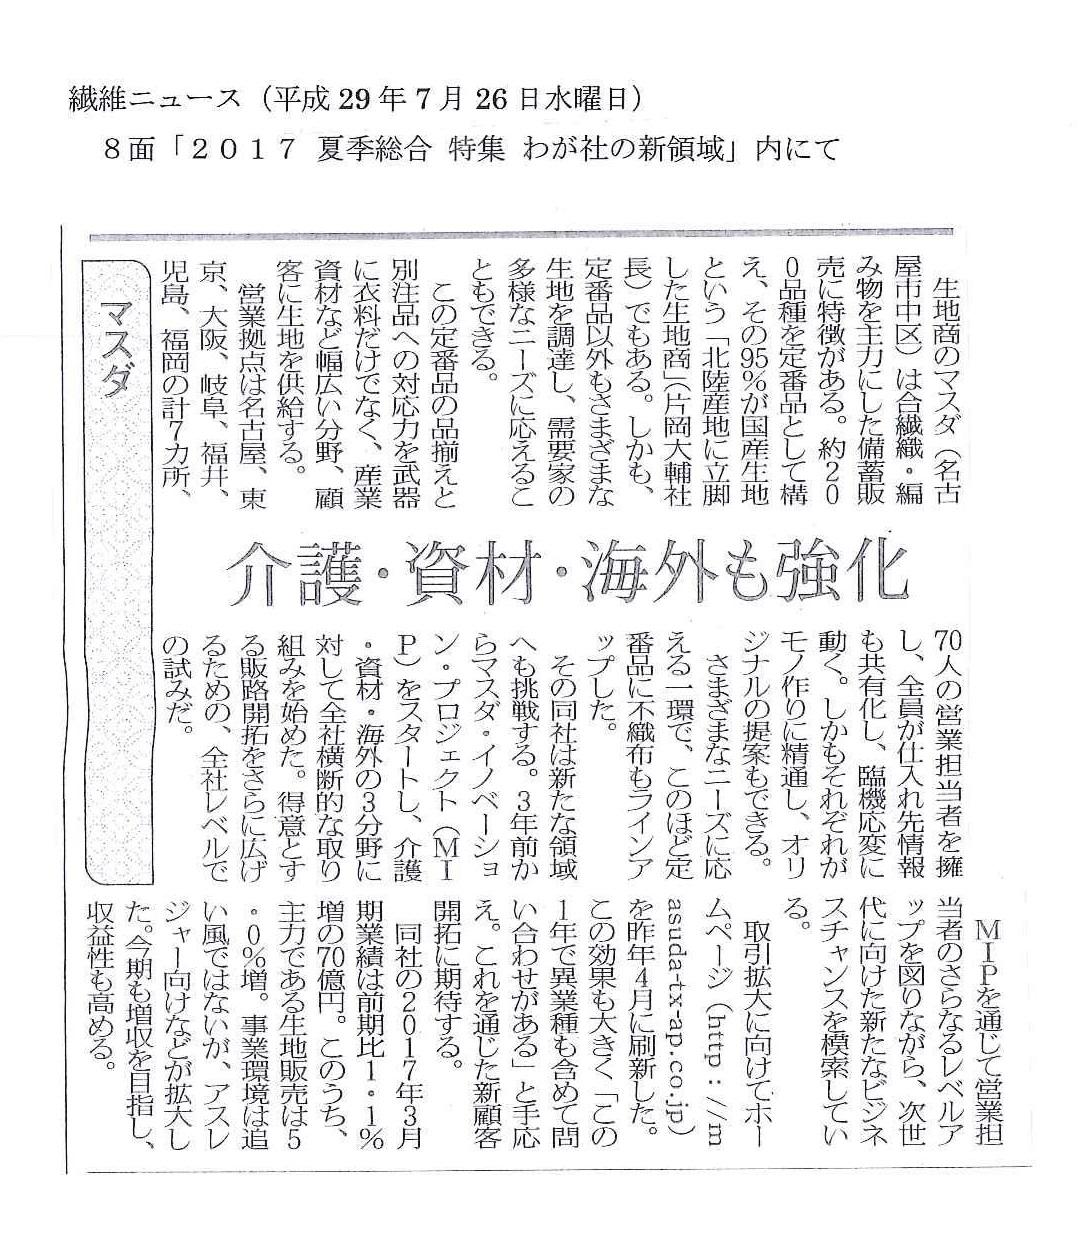 【繊維ニュース】特集「わが社の新領域」(H29.7.26)